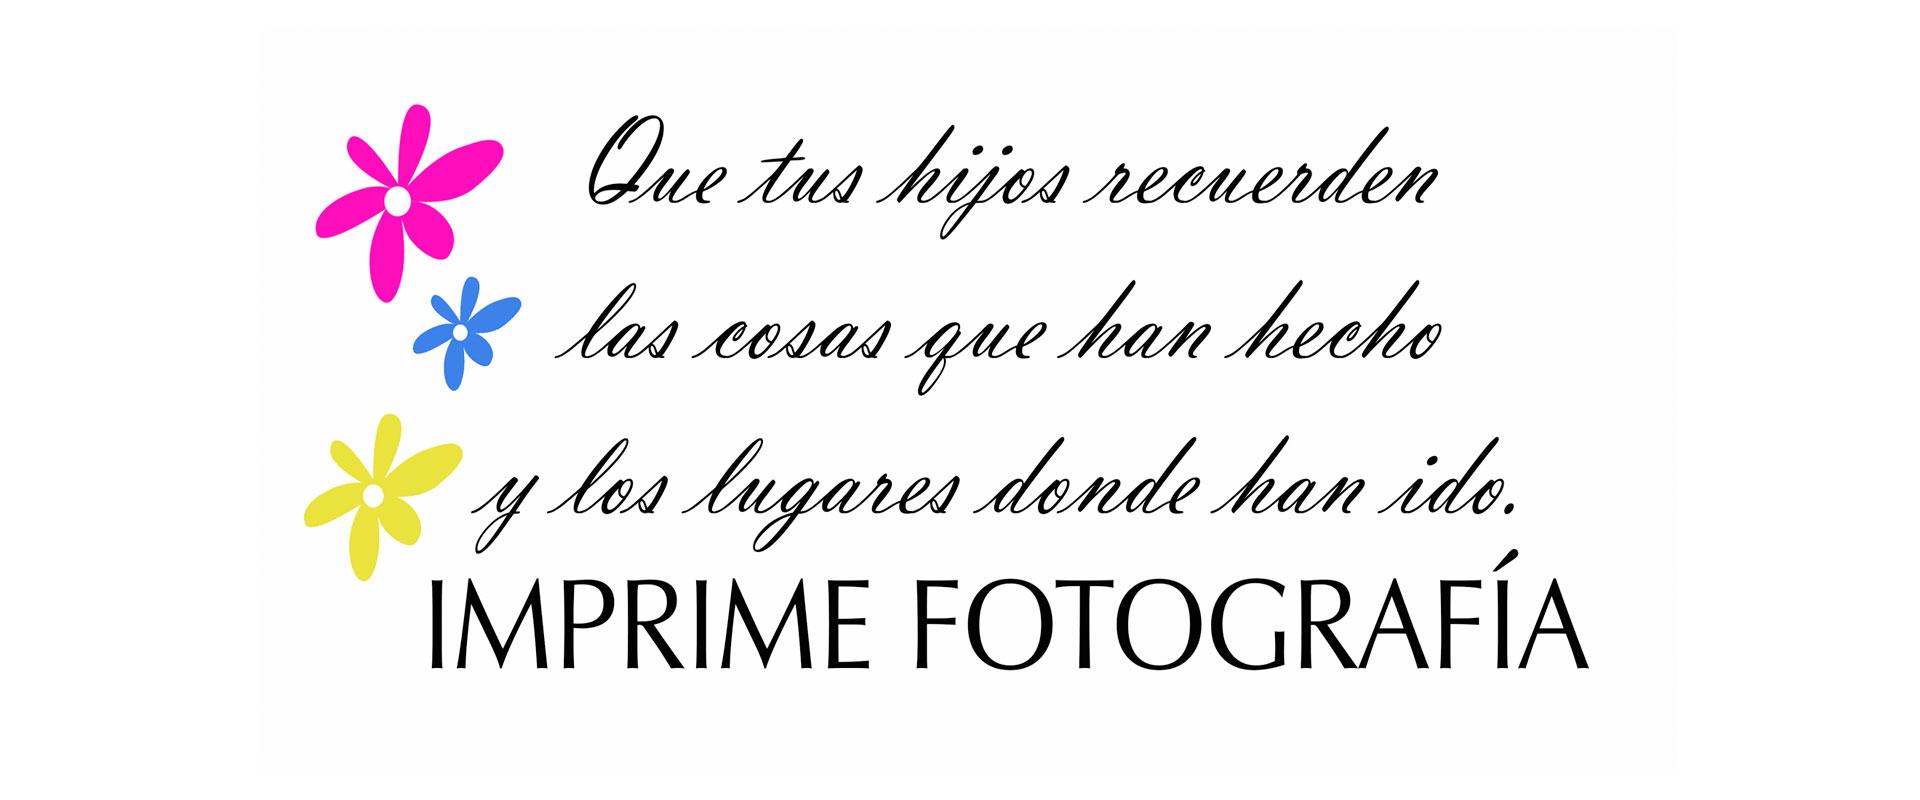 Fotogénci@s | Tienda y estudio de fotografía en El Casar